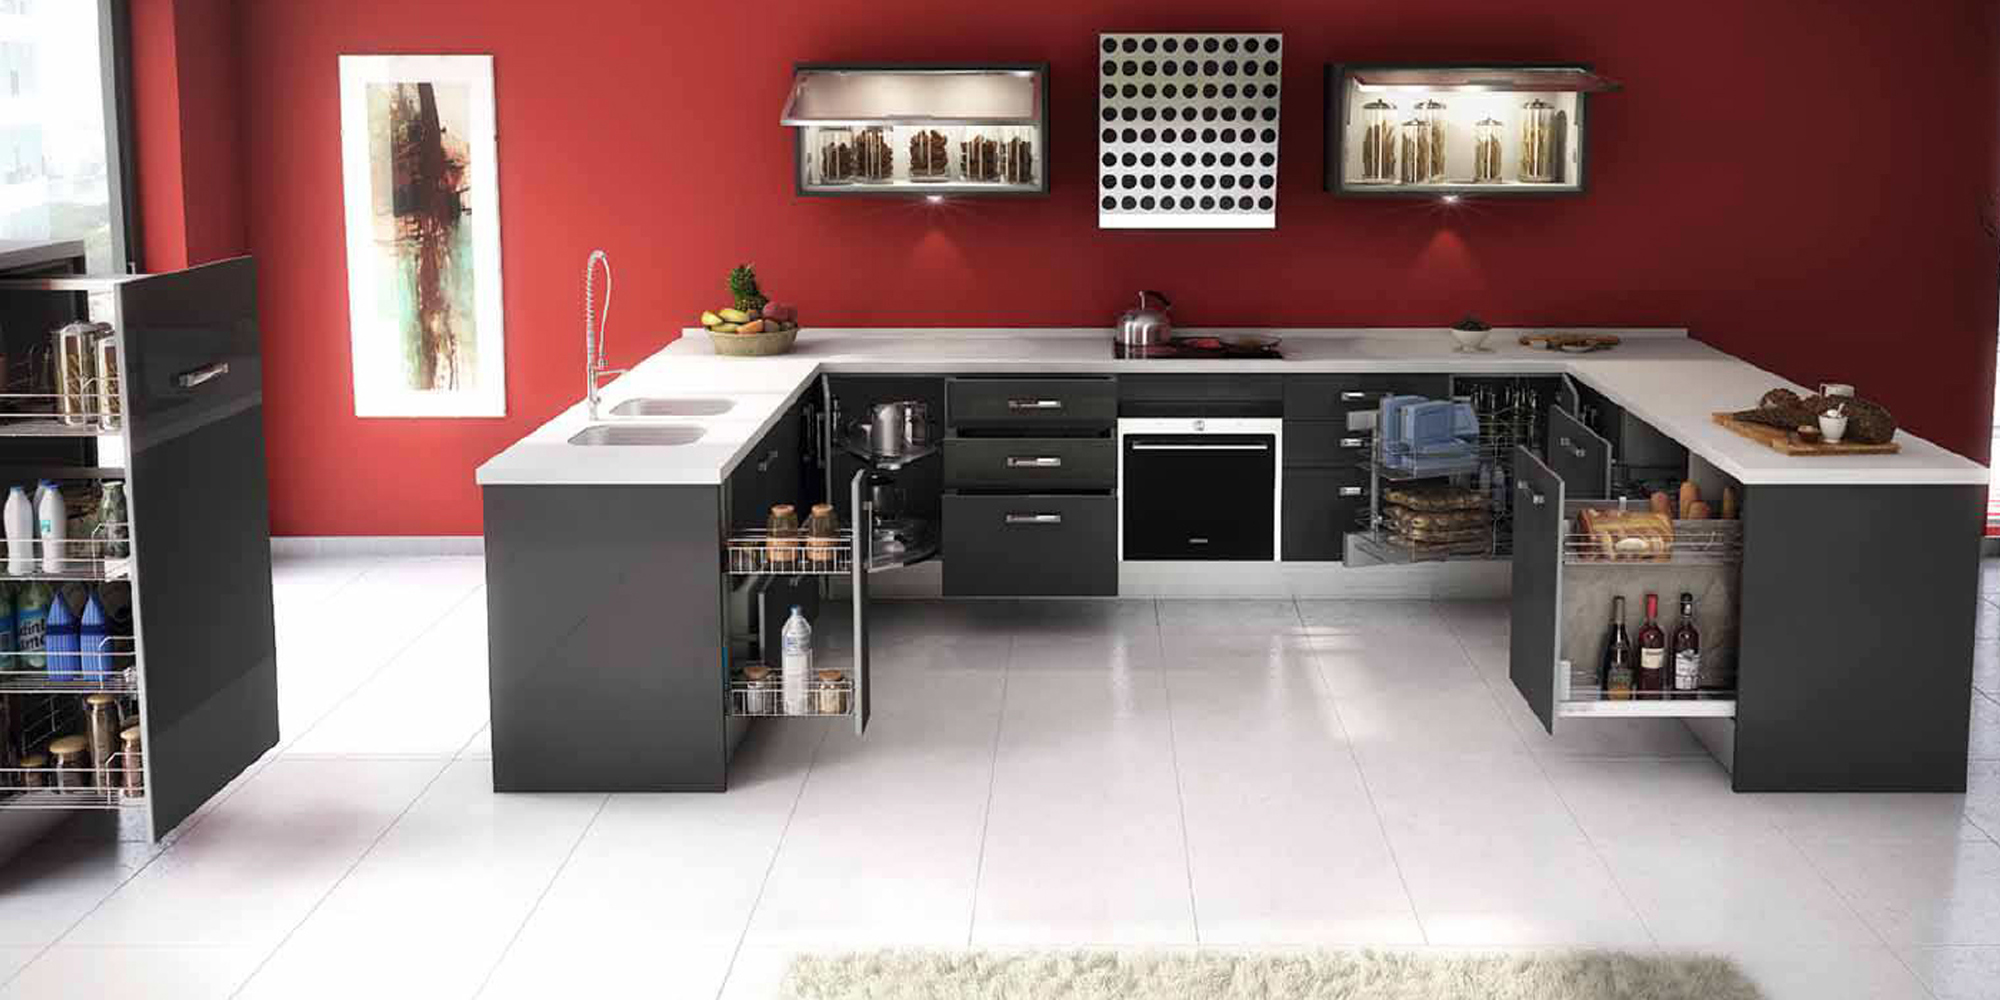 Reformar la cocina tipos de m dulos y muebles de cocina for Muebles de cocina tipo isla